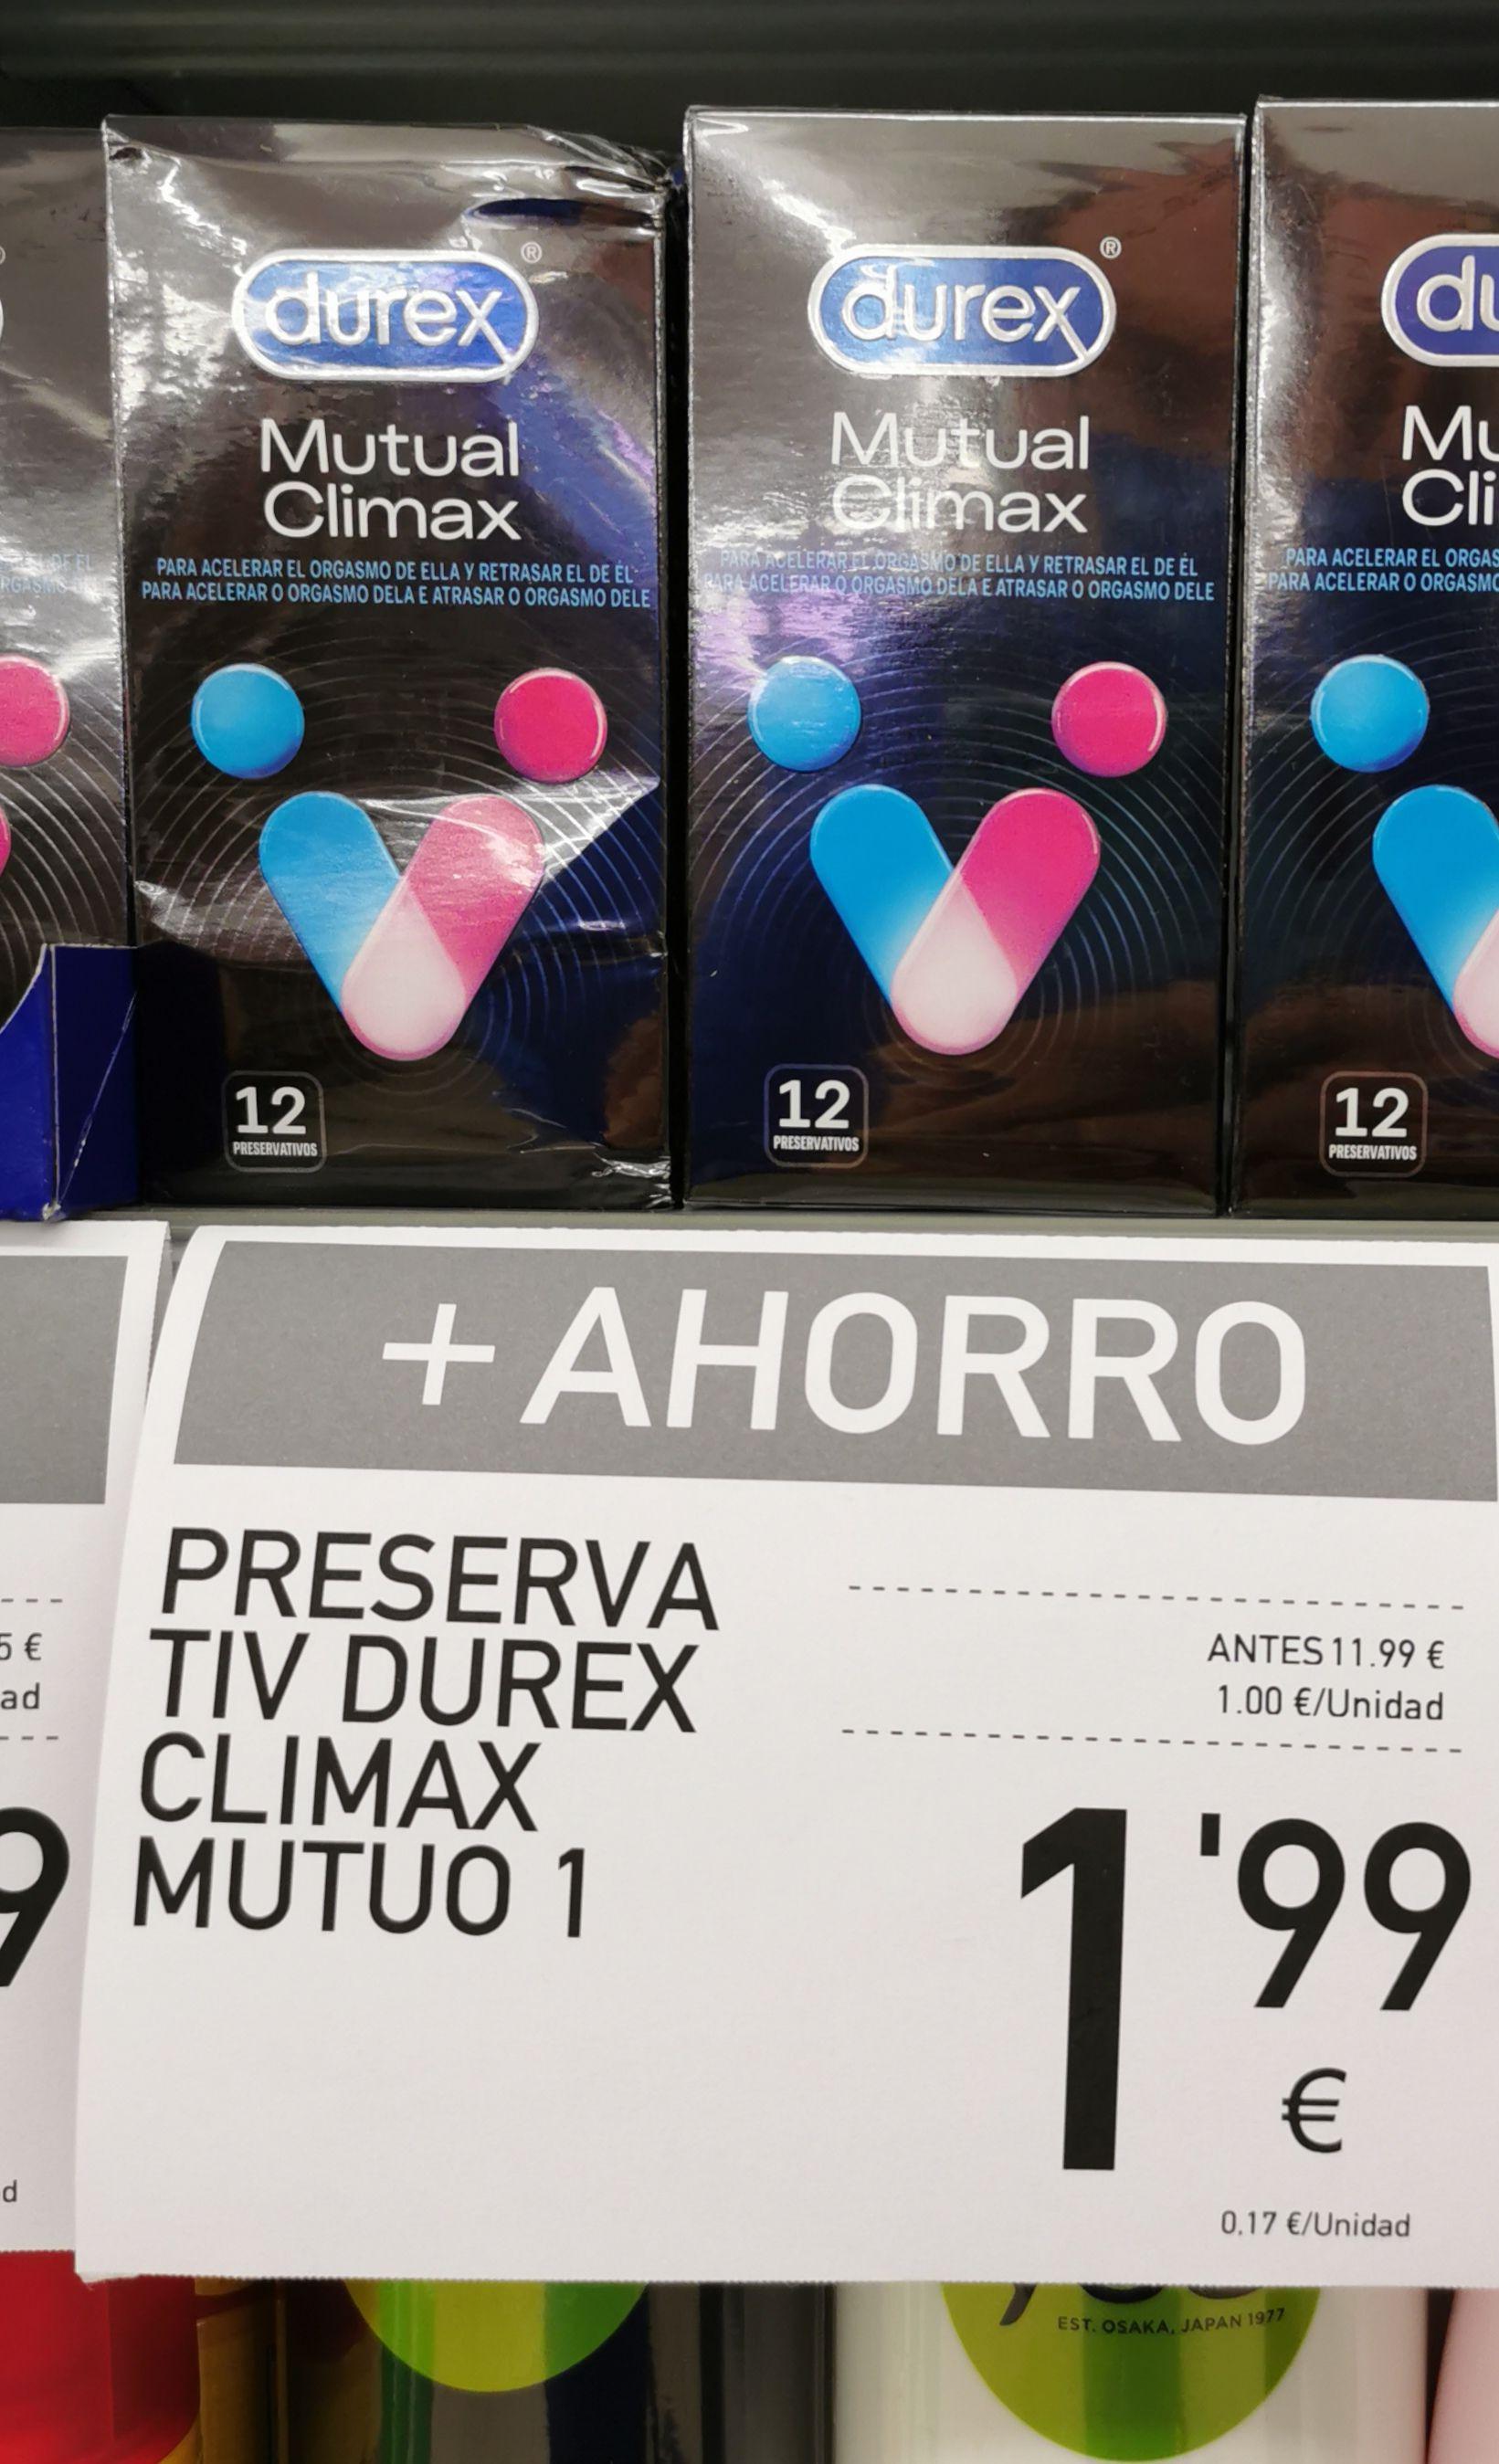 Durex mutual climax 12 unidades. SUPERMERCADOS CONDIS